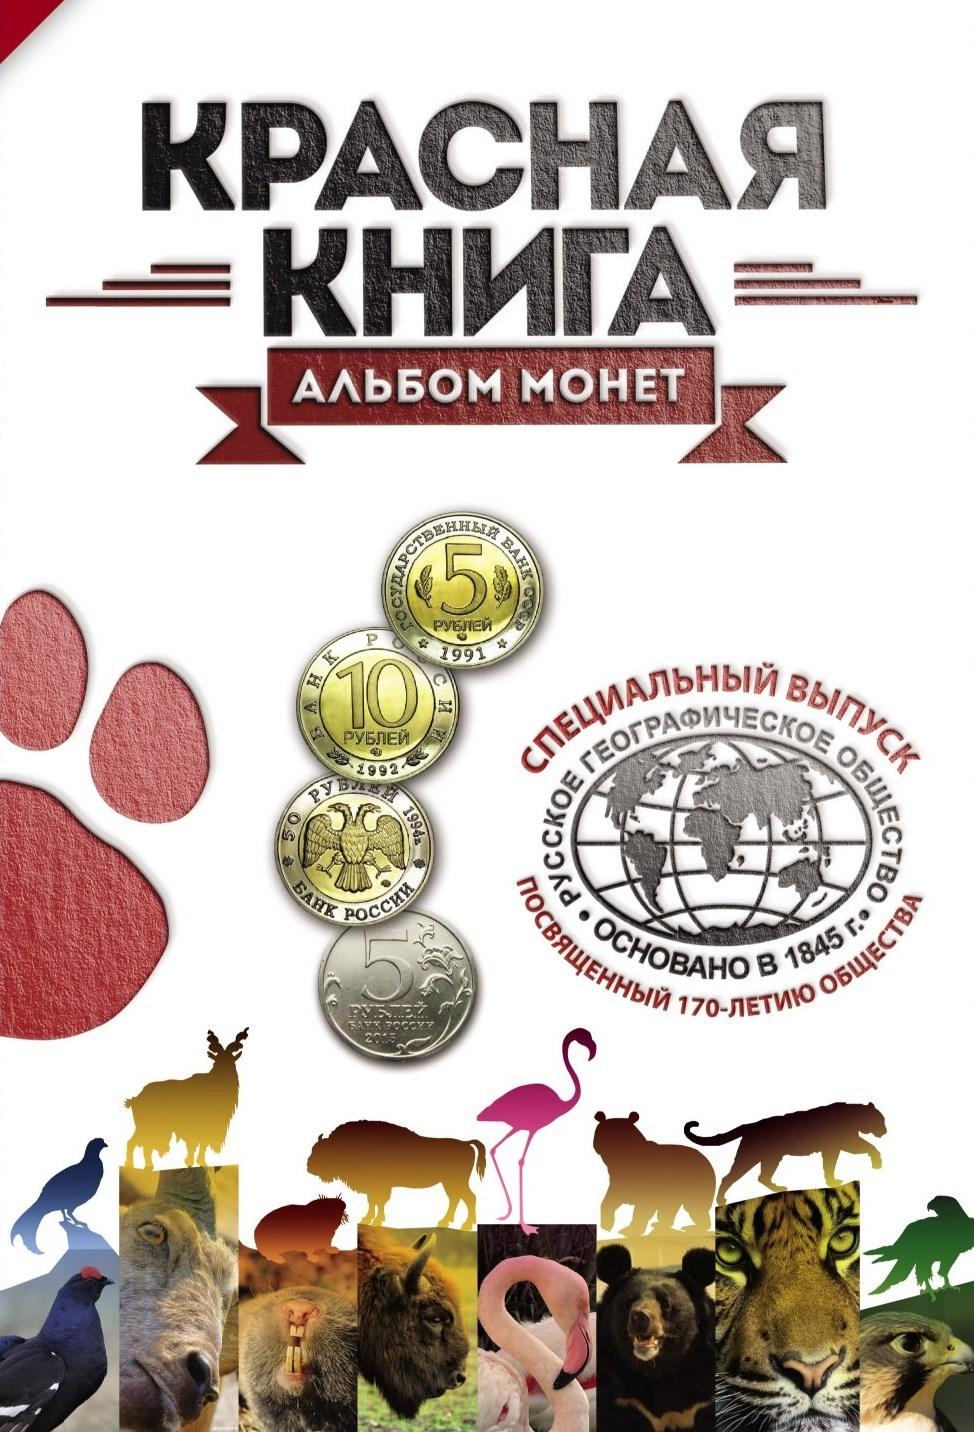 Специальный выпуск альбома для юбилейной 5-и рублёвой монеты 2015 года и монет серии Красная книга 00312